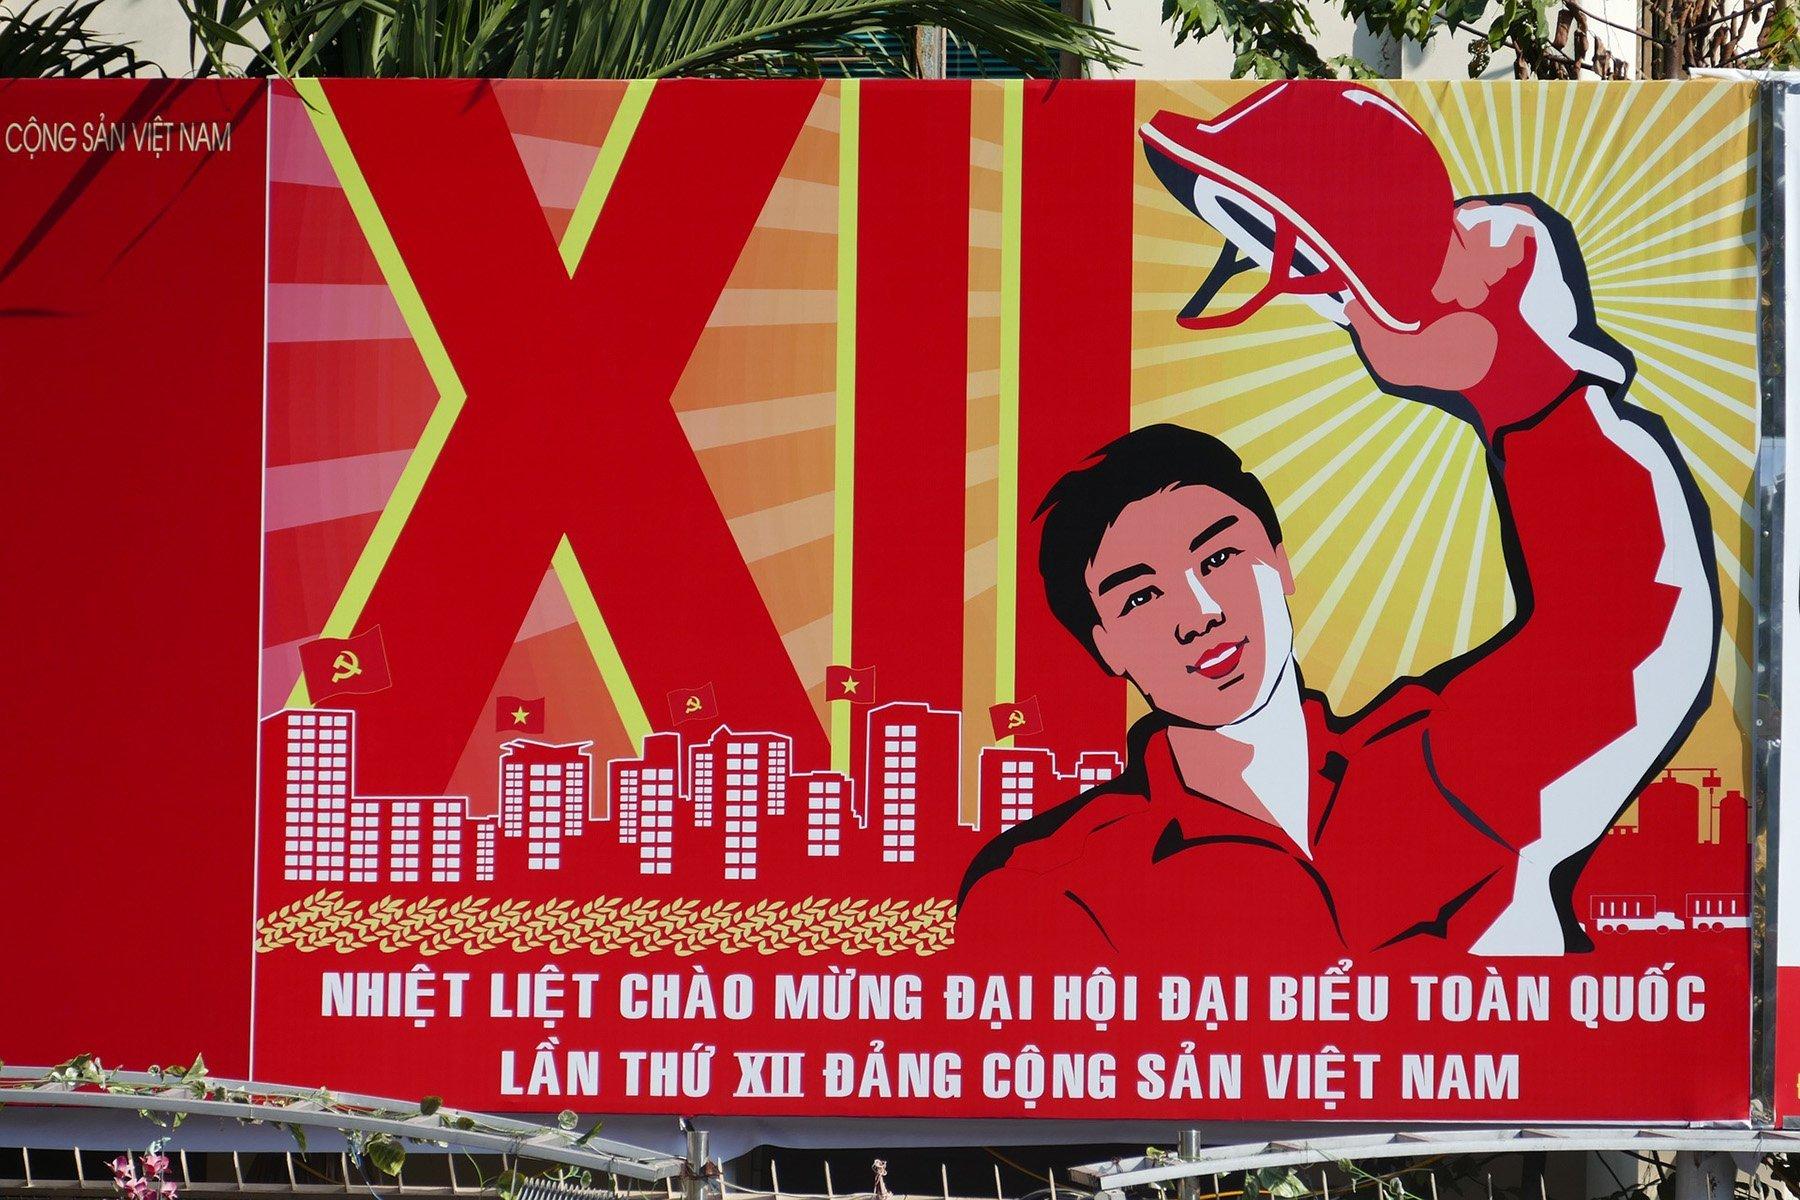 Panneau annoncant un congrès du Parti Communiste Vietnamien, Vietnam